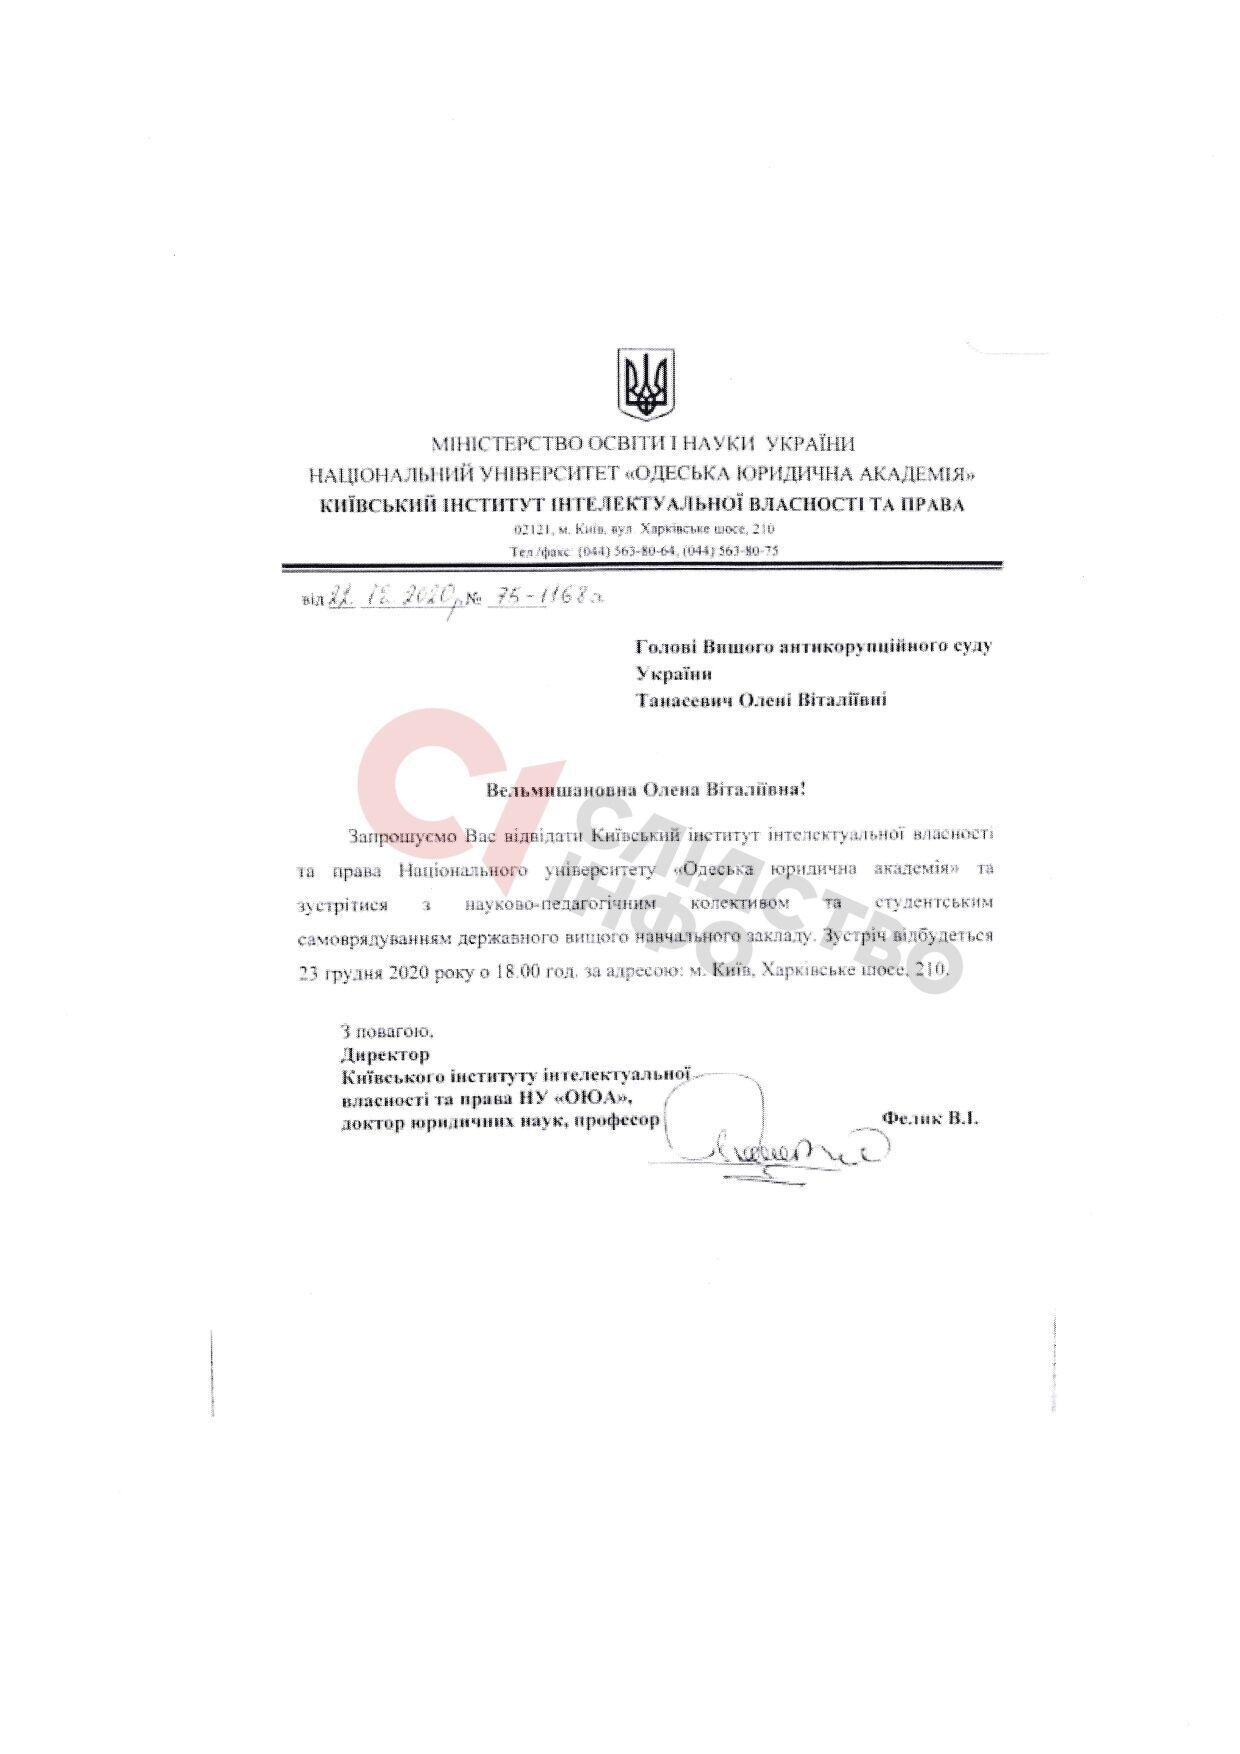 Приглашение для Елены Танасевич от Киевского института интеллектуальной собственности и права